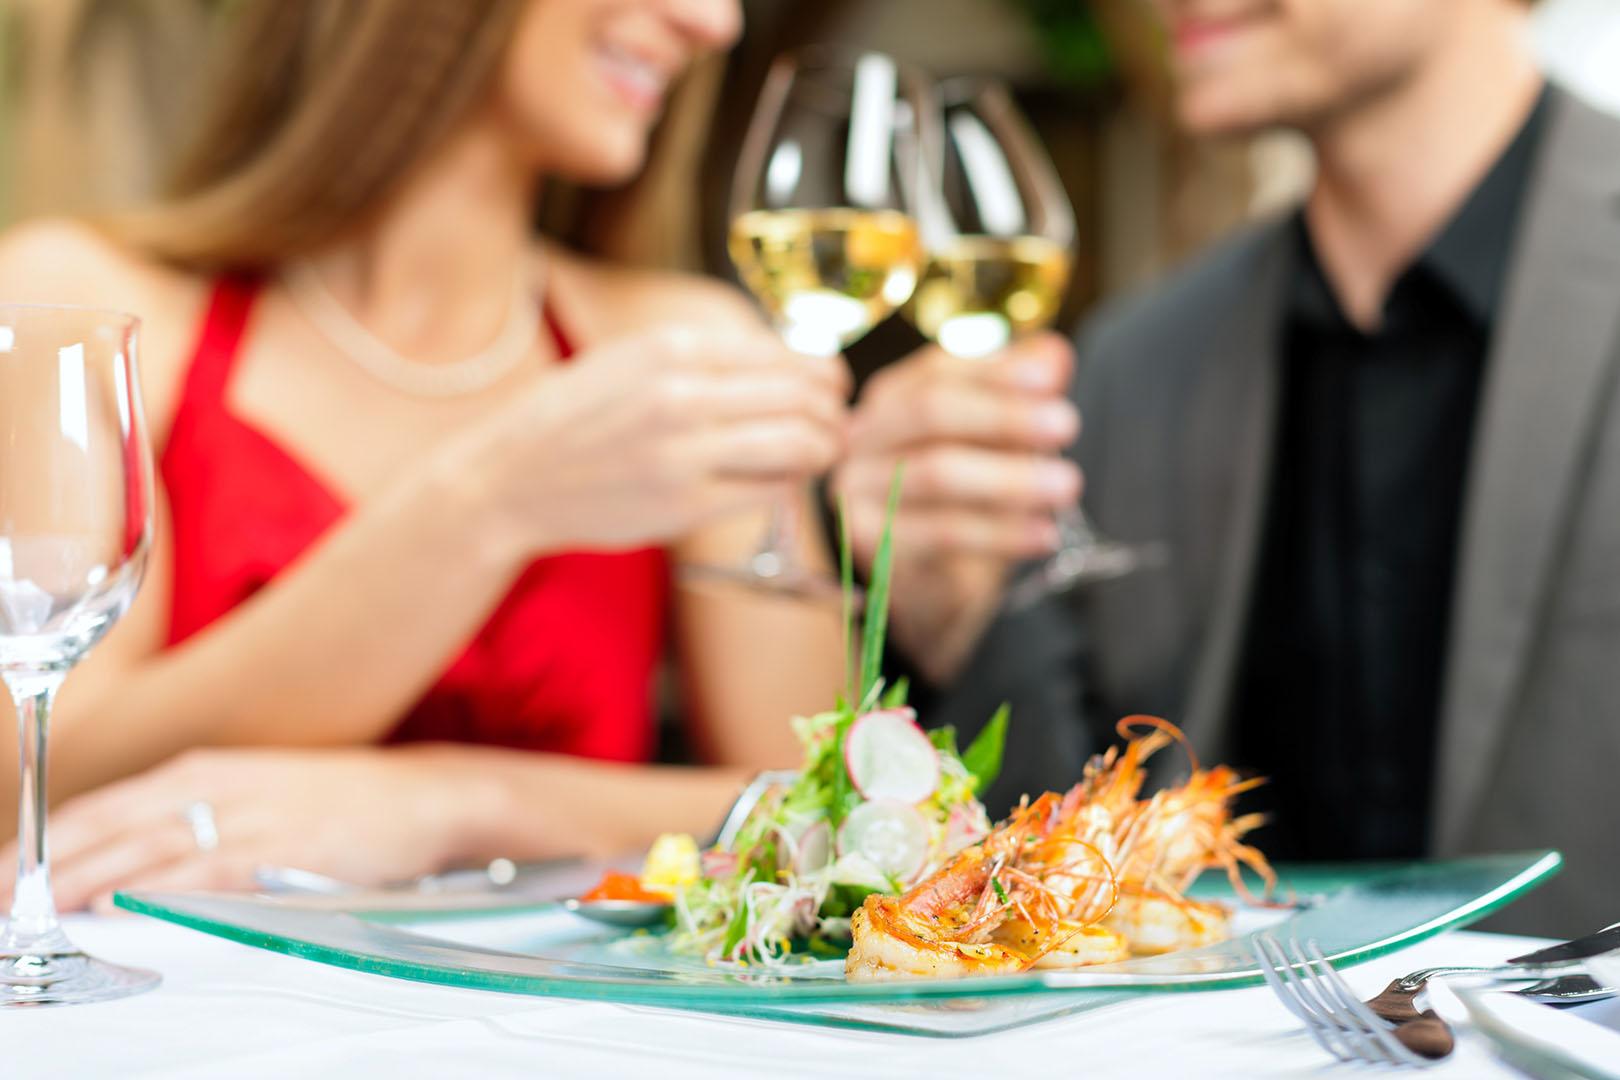 zabava za brzinu večere dolaze li do veze prije veze